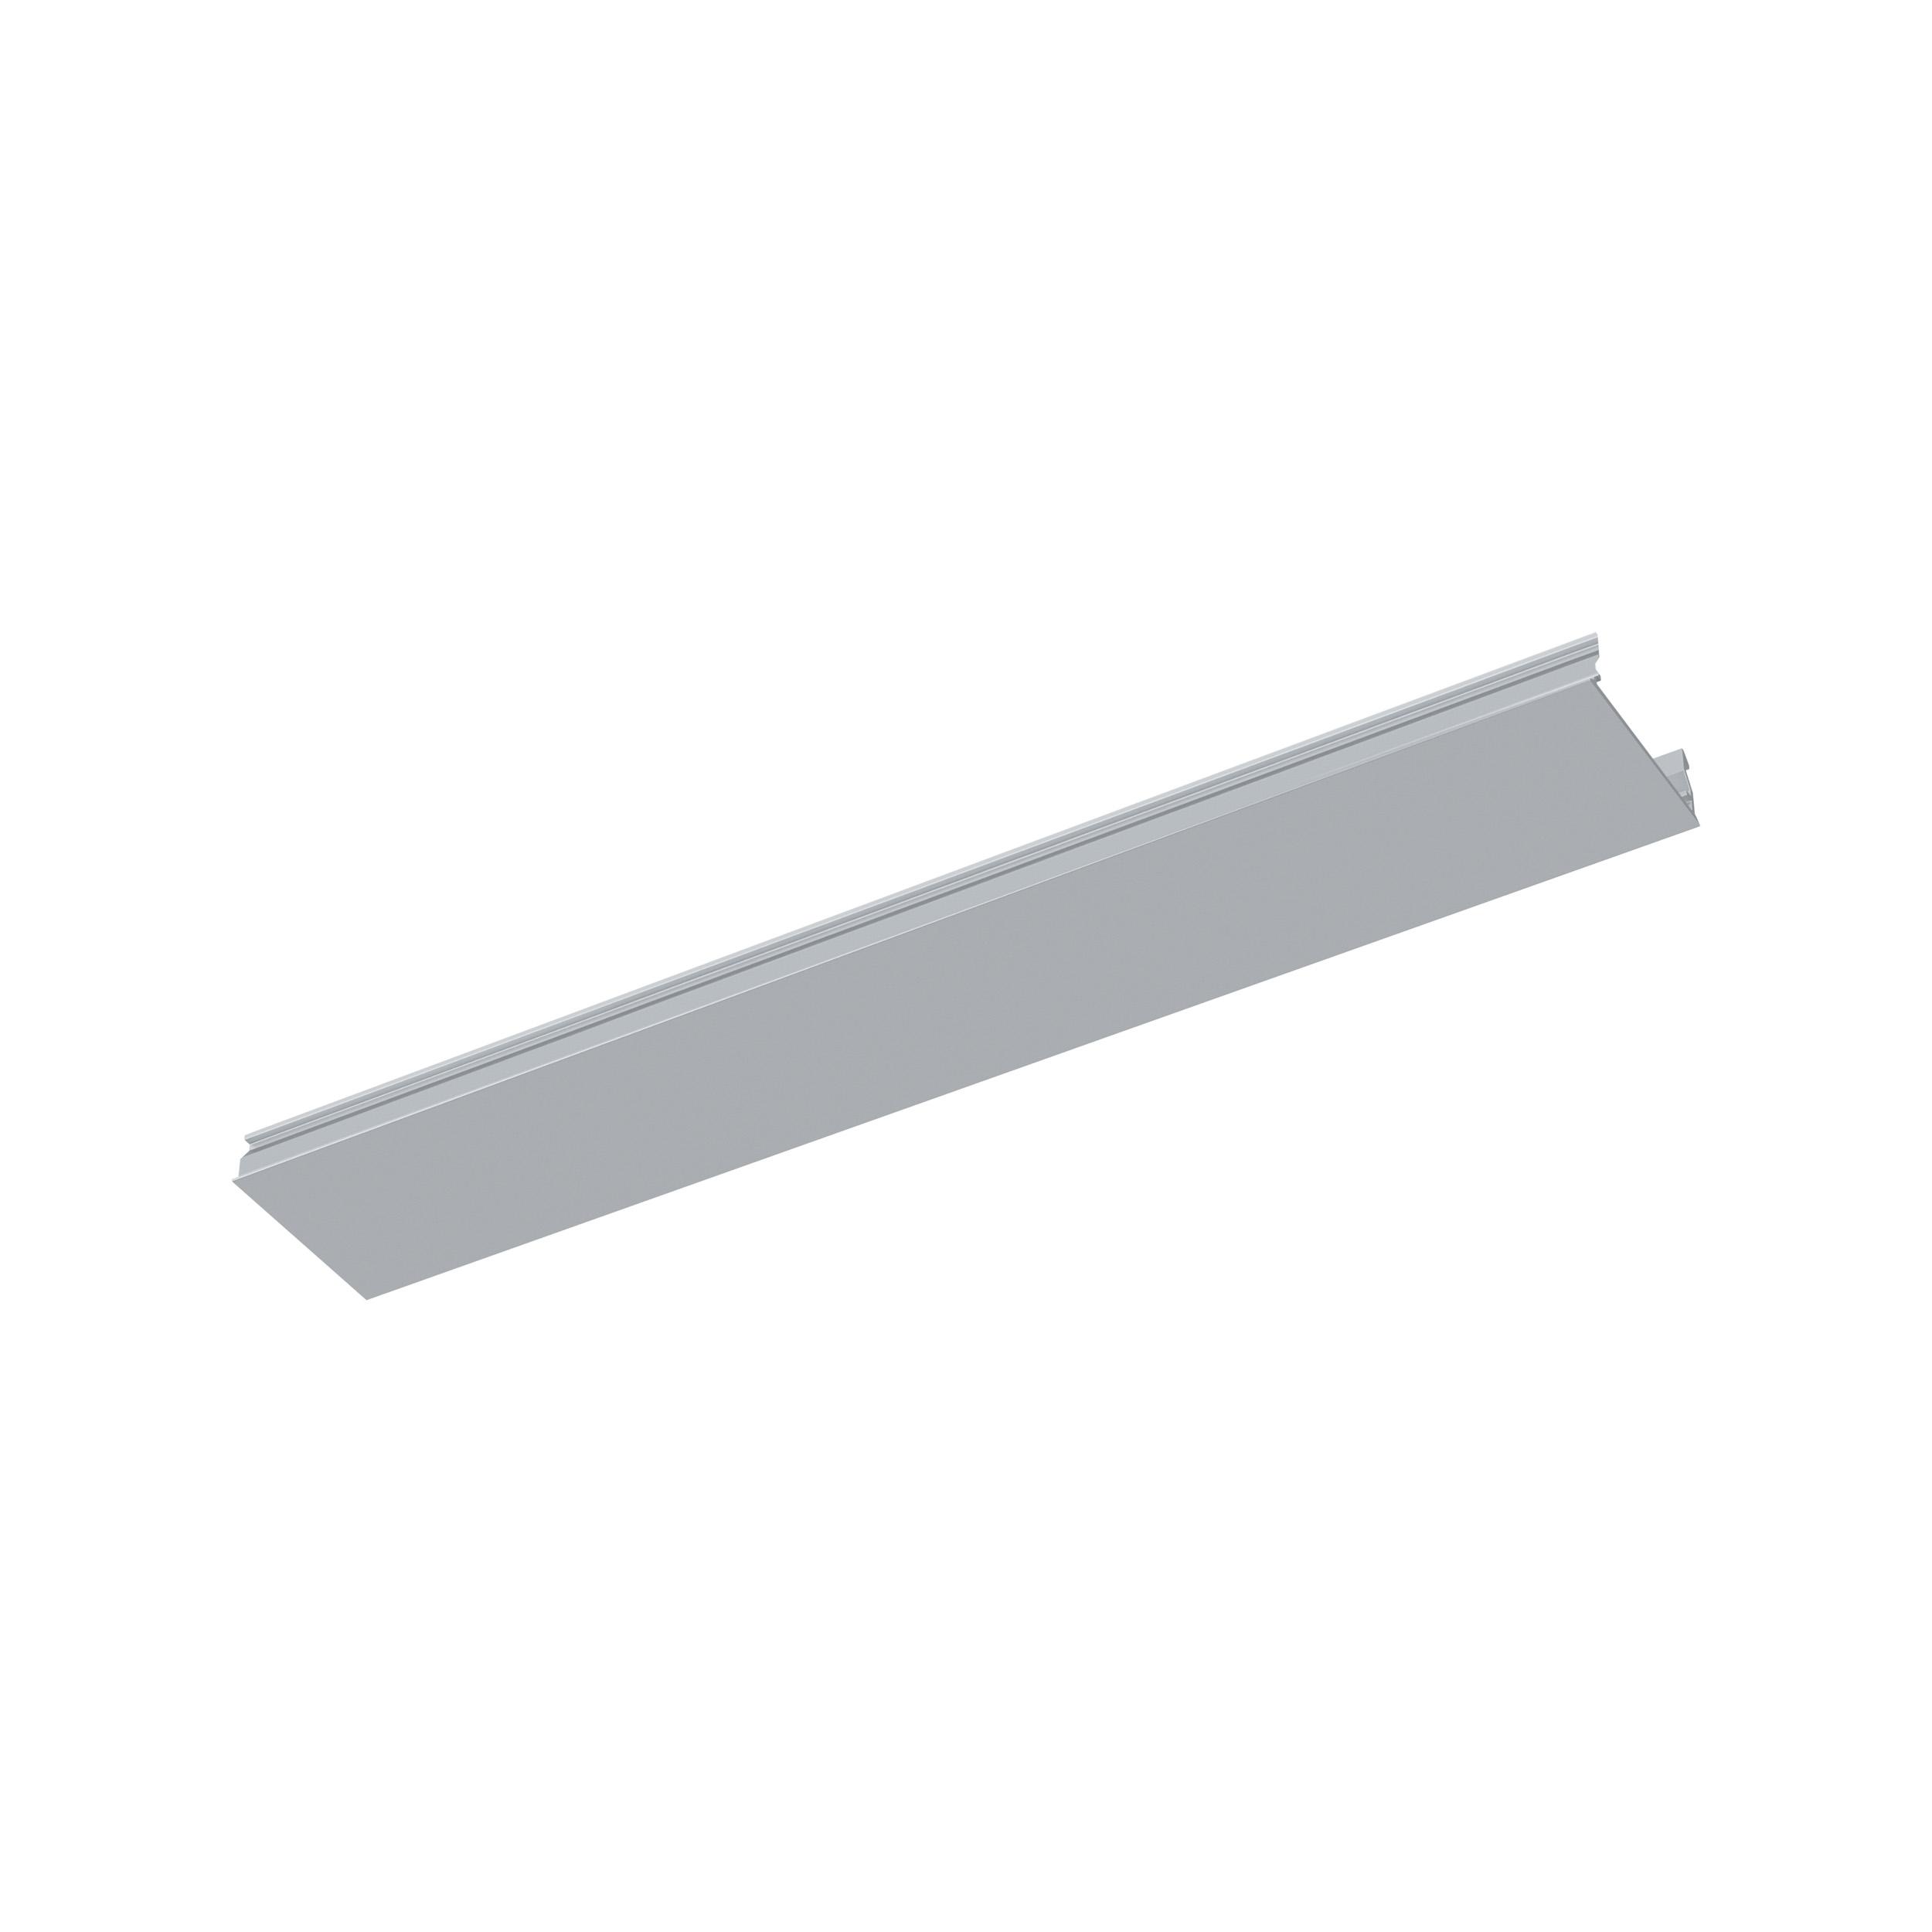 1 Stk Abdeckung Aluminium eloxiert, L-1710mm LI65343---